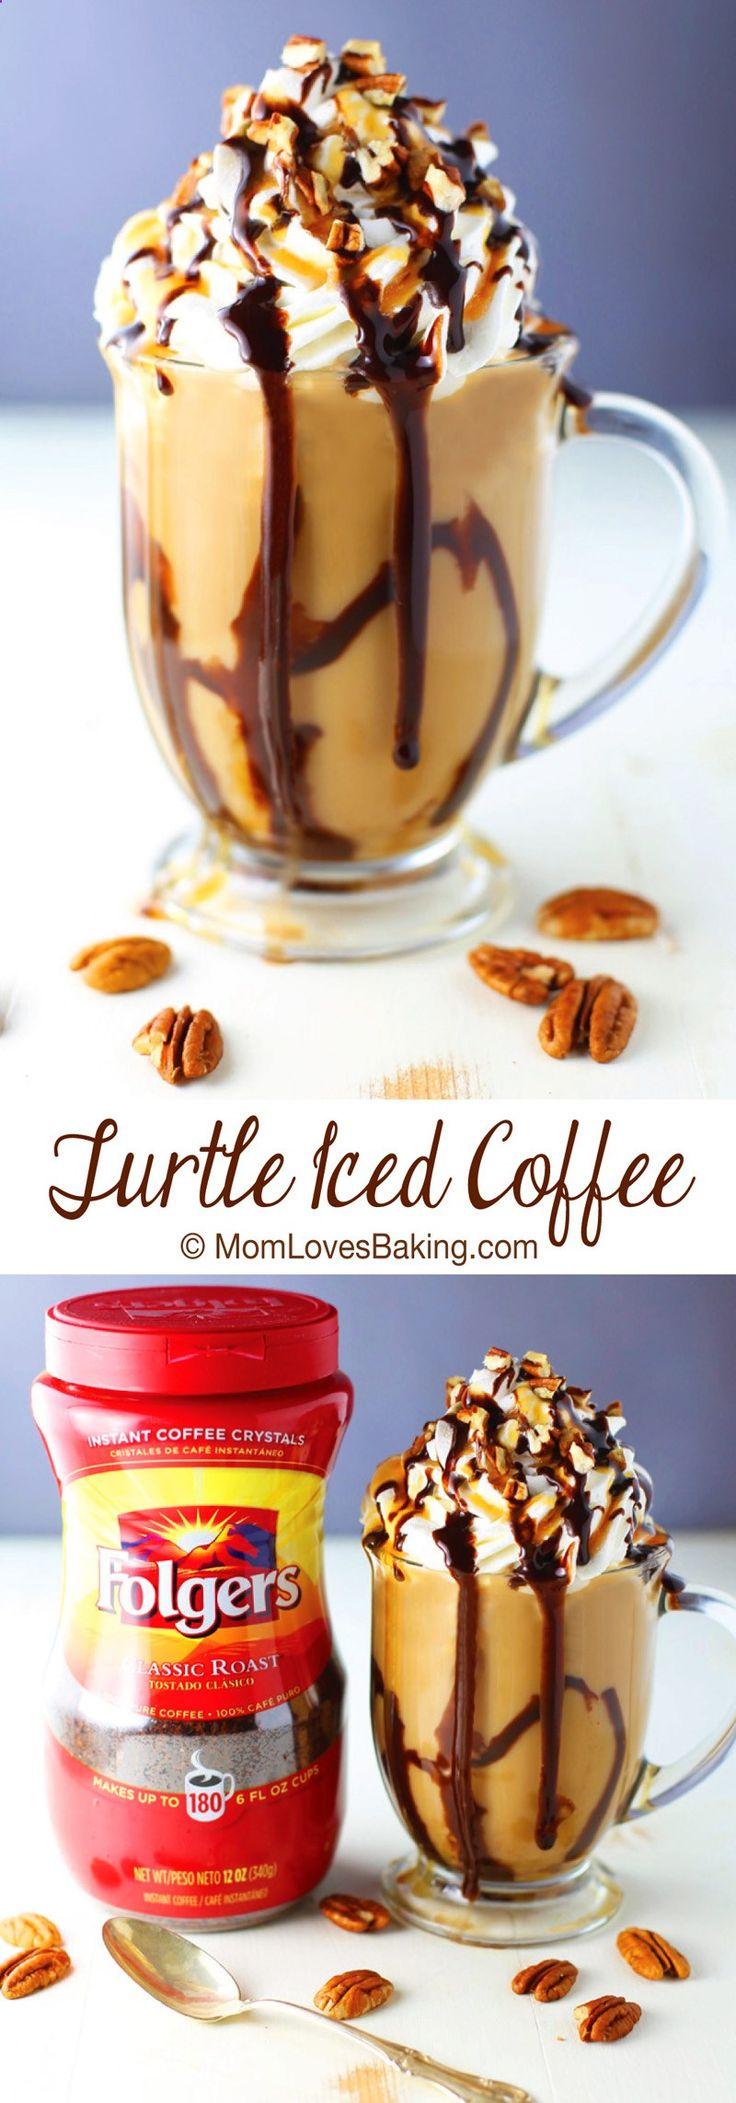 489887c00afe55e7d4a10211f956290b How Do I Make Iced Coffee With My Keurig